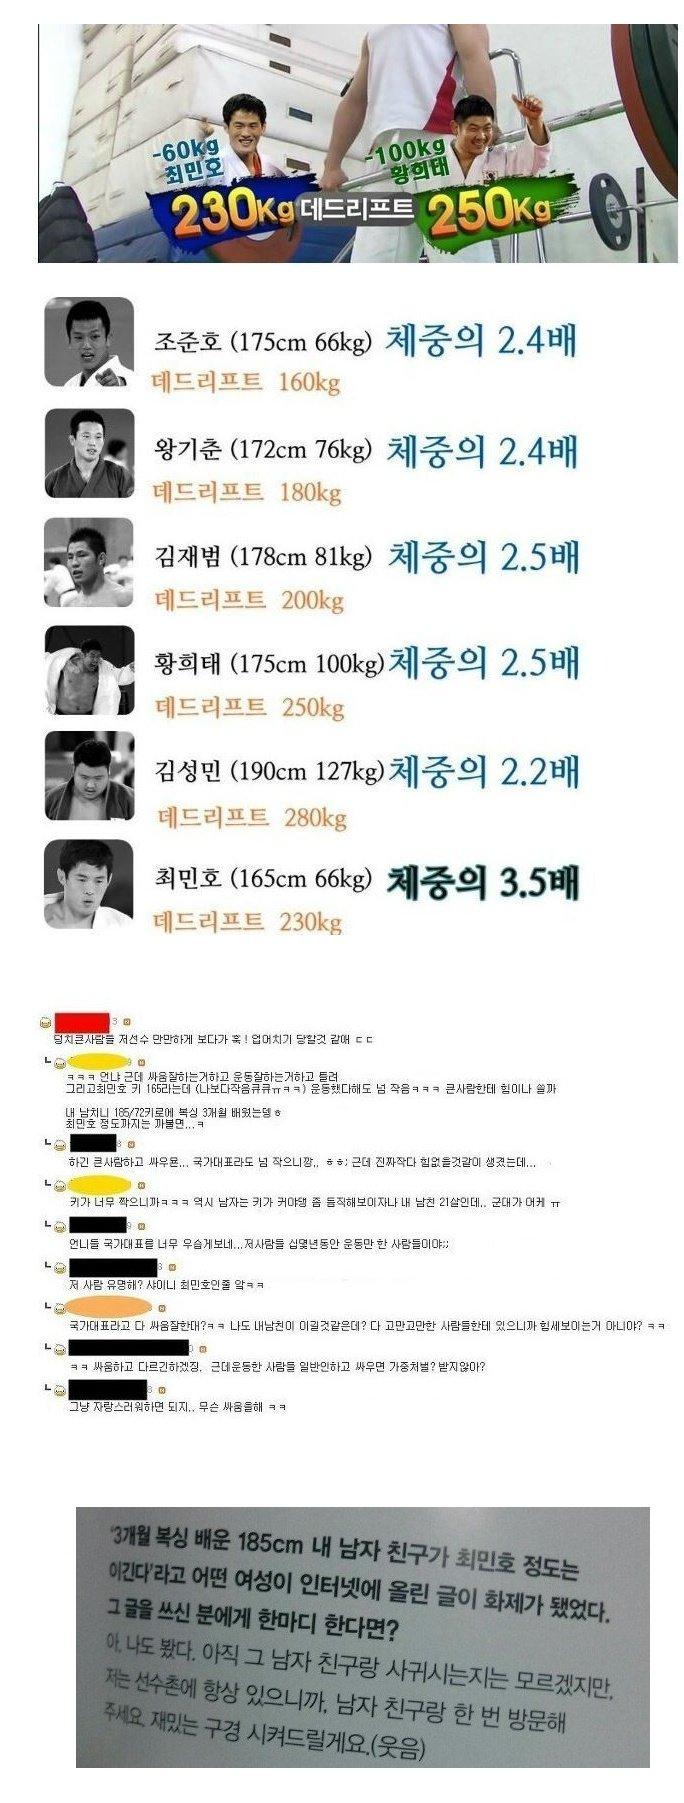 최민호 VS 복싱 3개월 배운 185 남친 - 최민호 반응